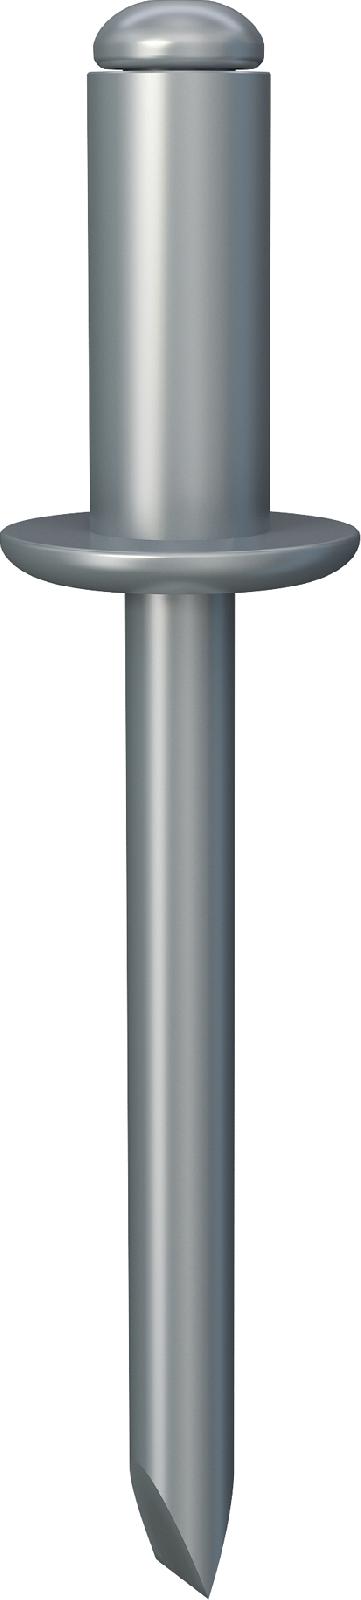 УС/УС. Вытяжная заклёпка с открытым концом, отрывающимся сердечником